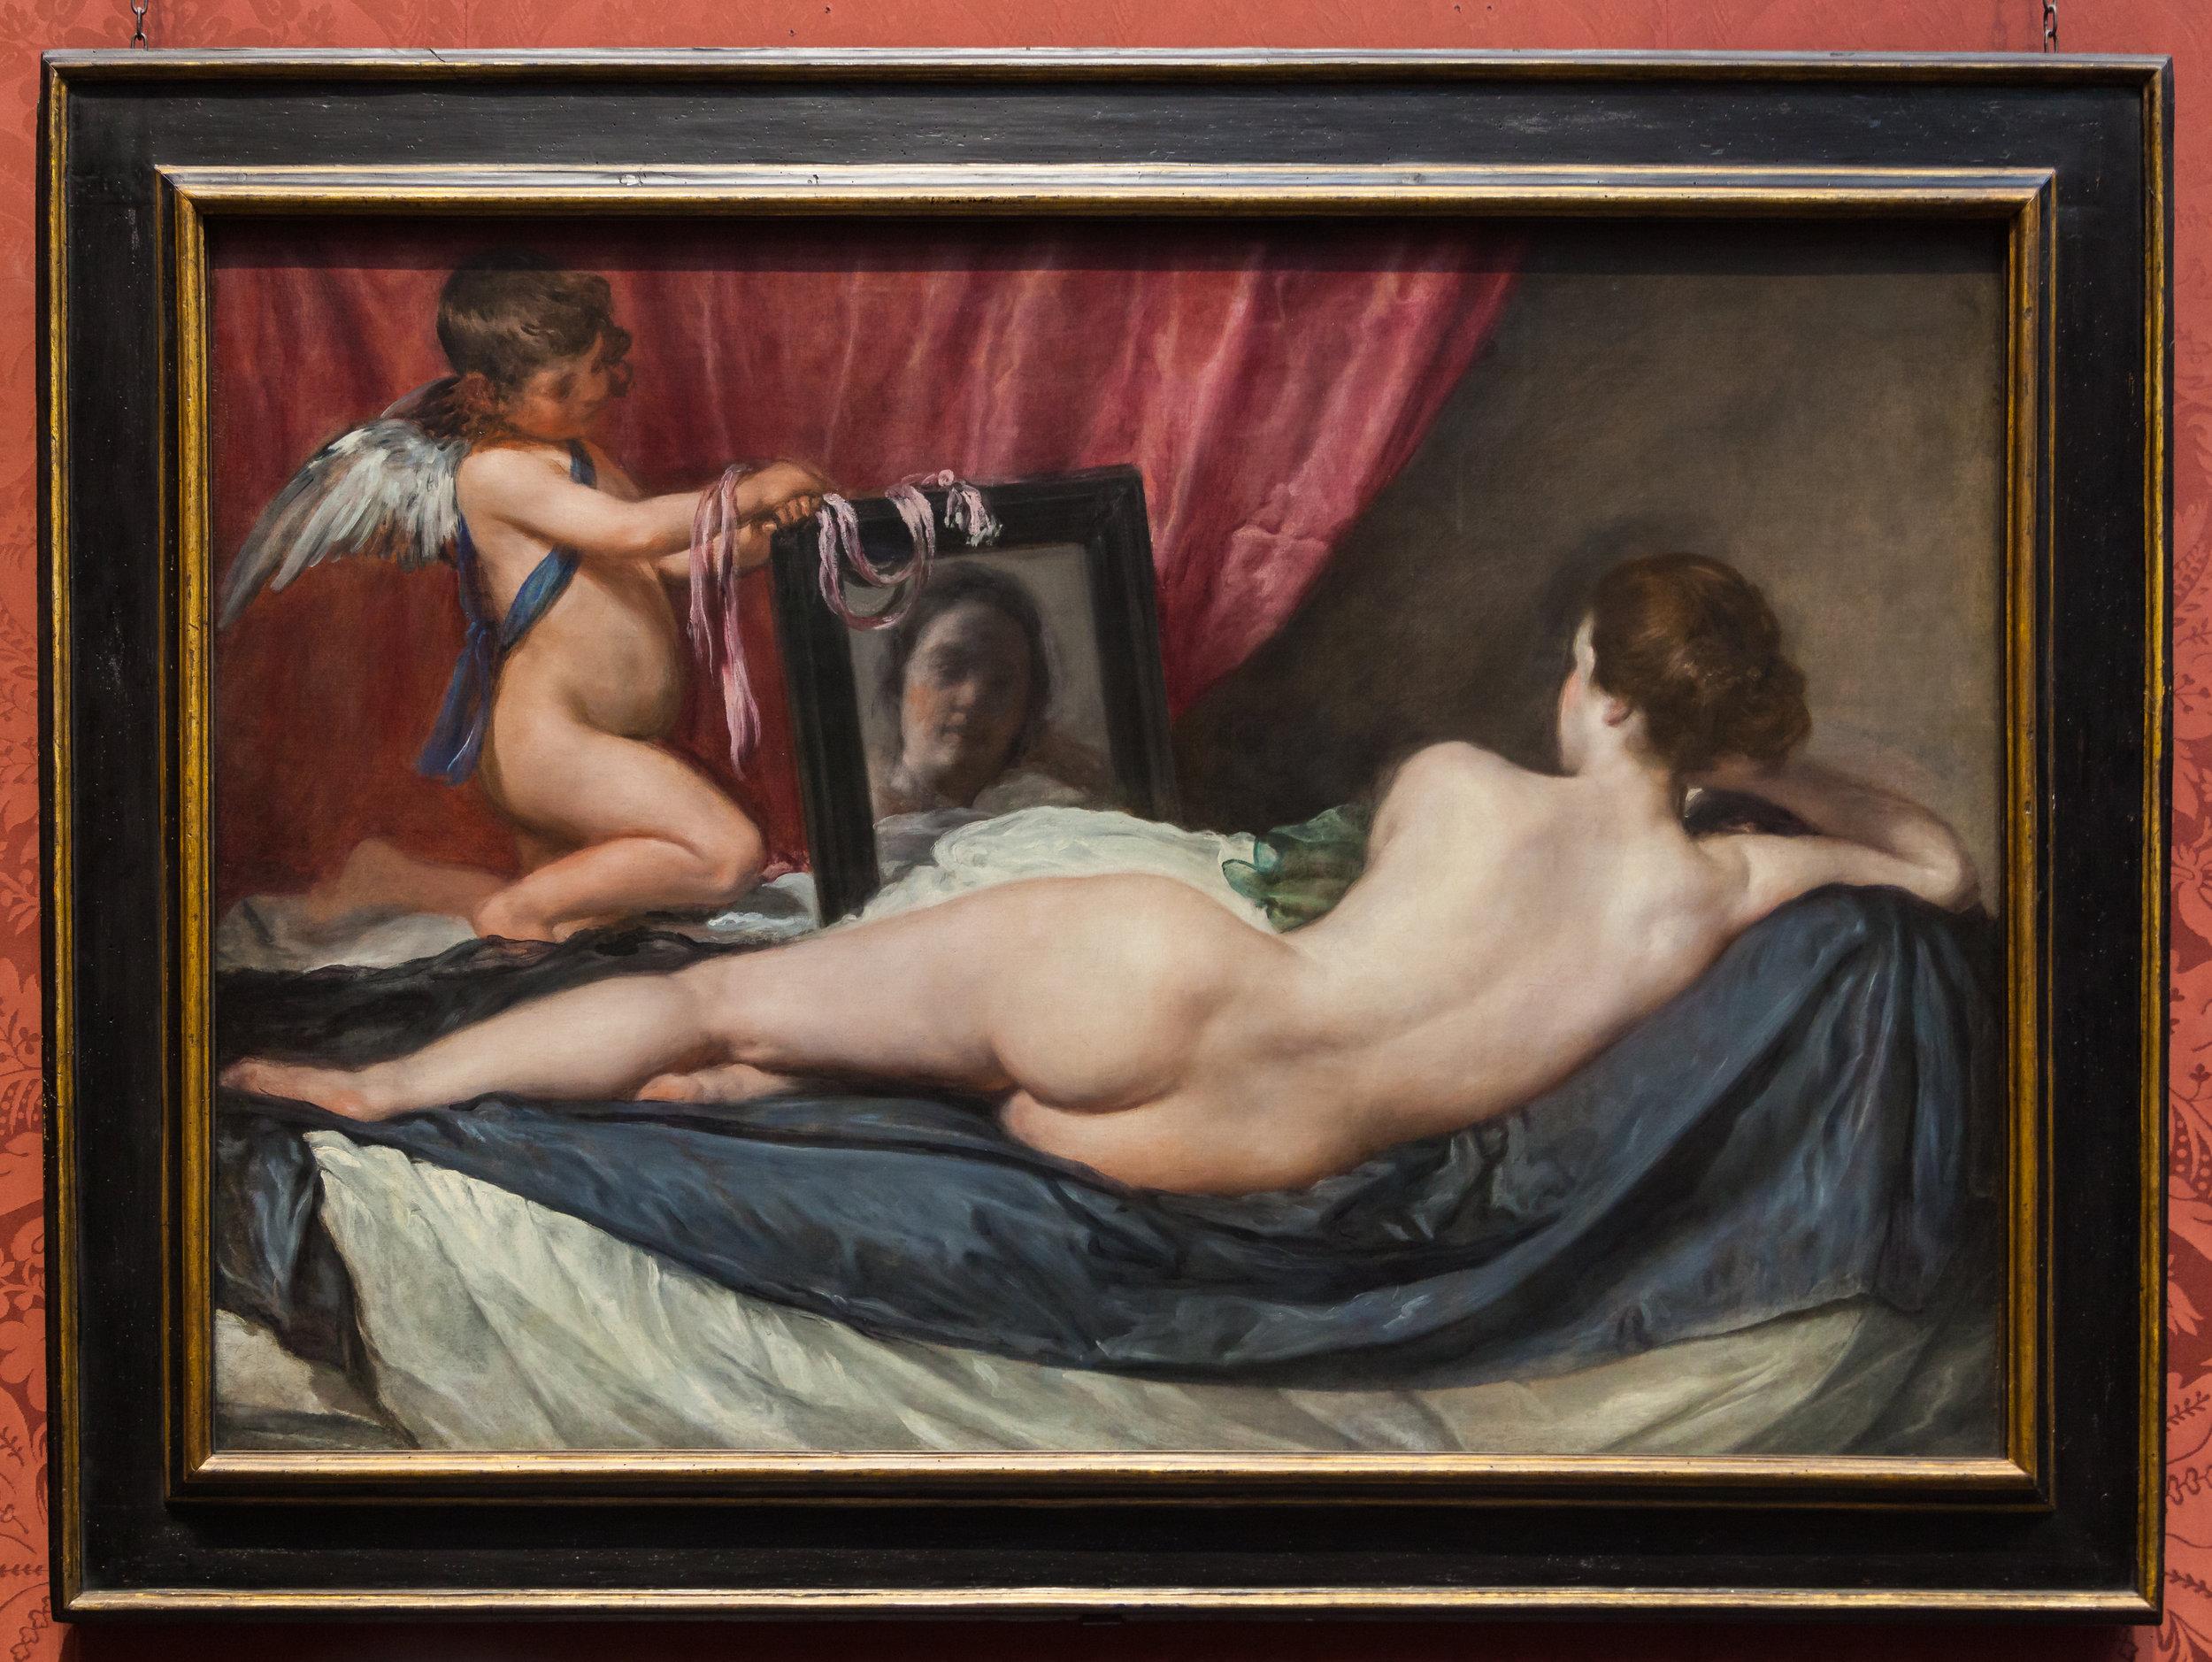 Velazquez, The Rokeby Venus, 1651.